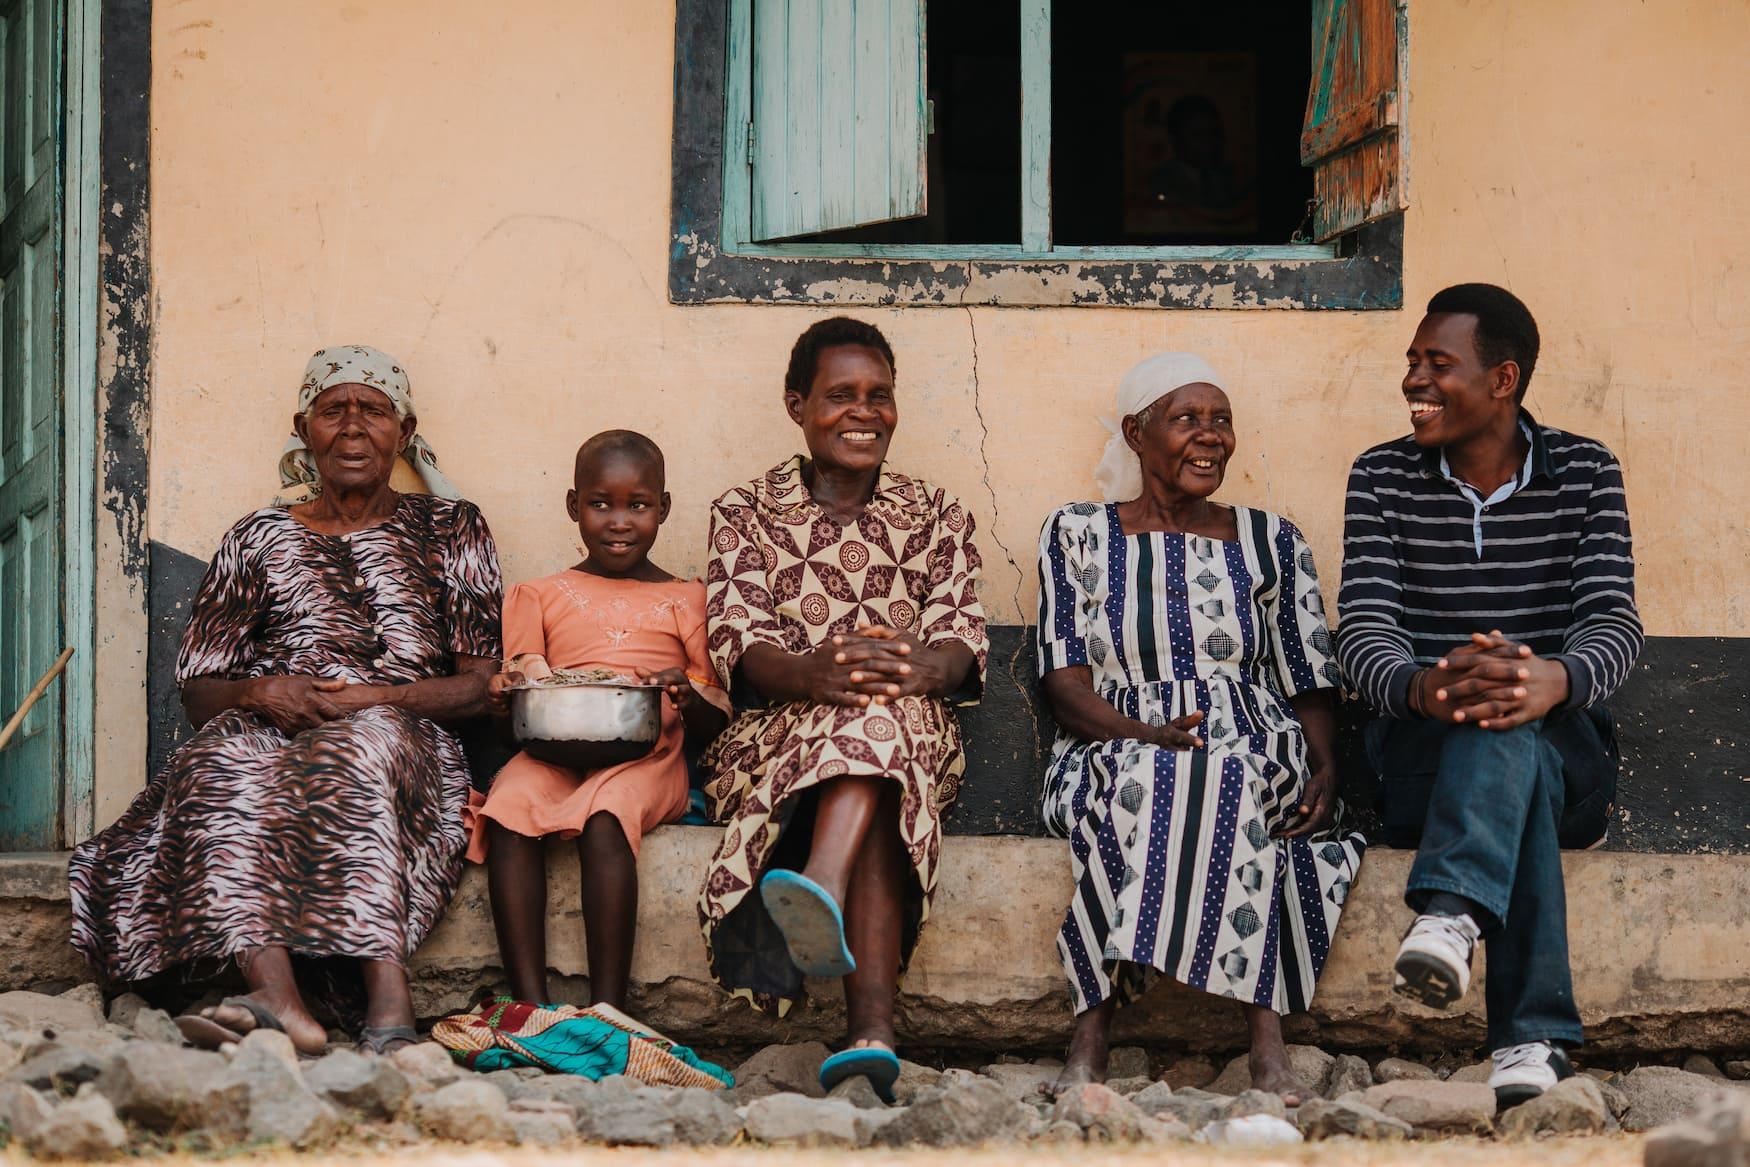 Einwohner in Kenia sitzen an Hauswand und warten